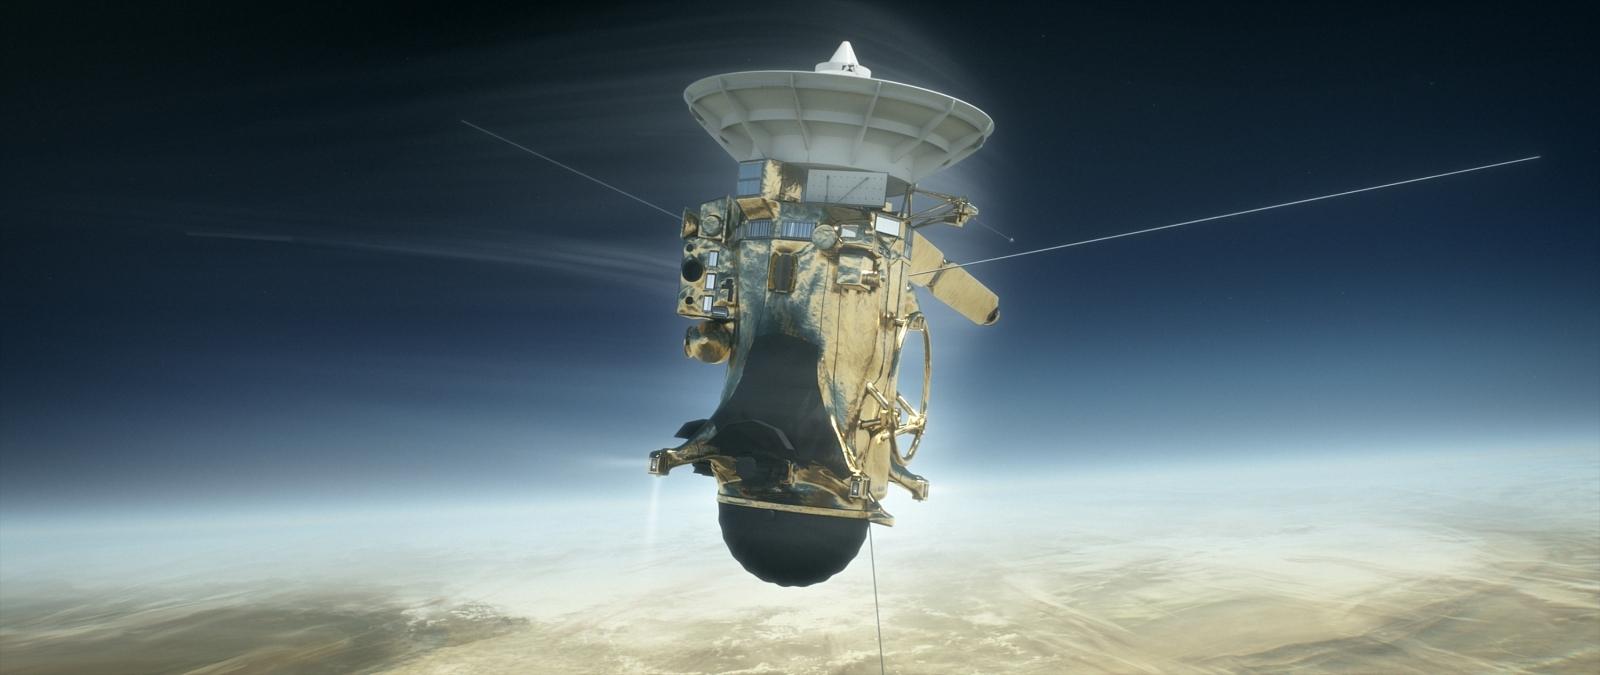 Cassini mission